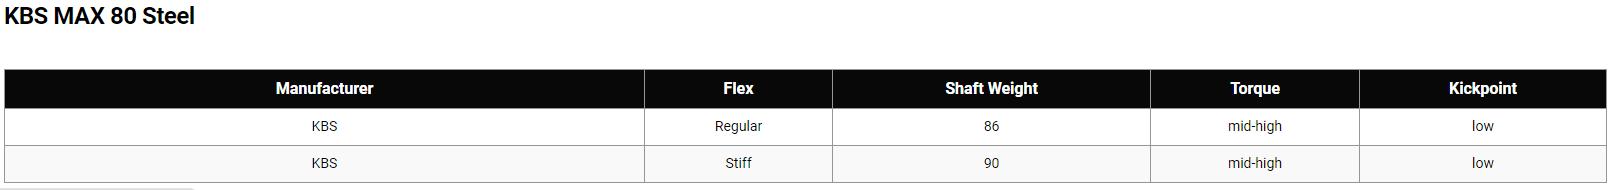 KBS Max 80 Shaft Tech Specs